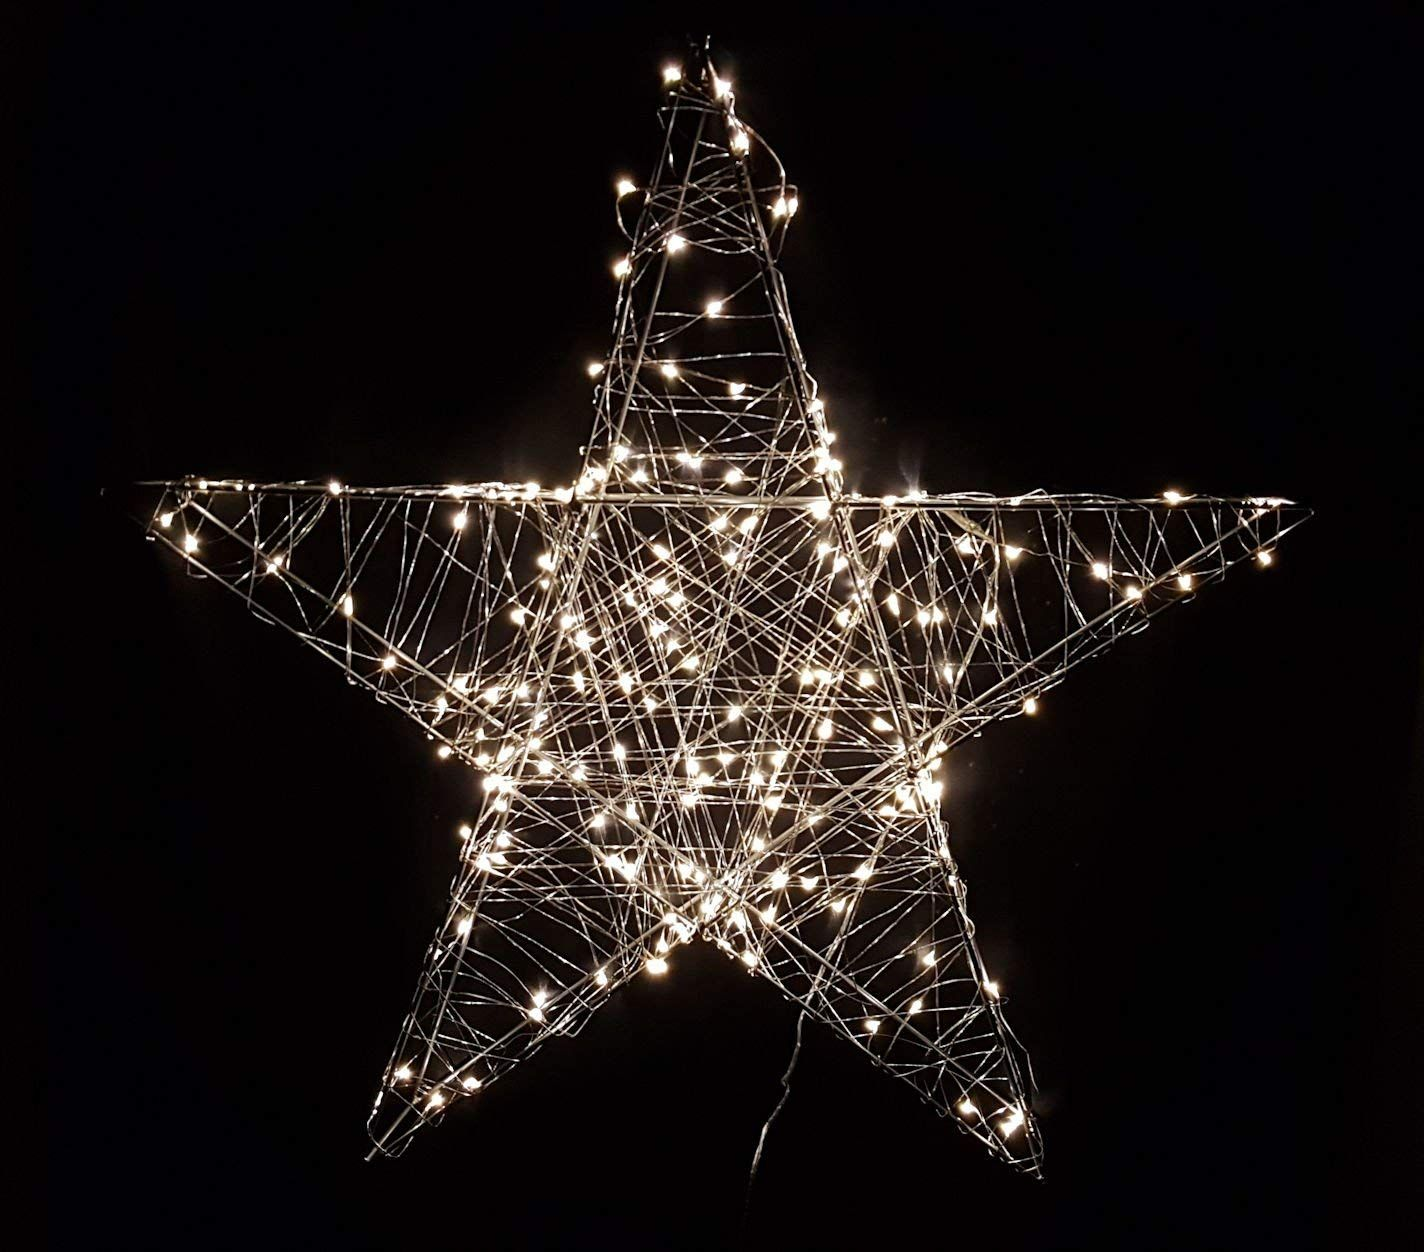 Weihnachtsbeleuchtung Fenster Günstig.Weihnachtsbeleuchtung Innen Weihnachtsstern Beleuchtet ø40cm